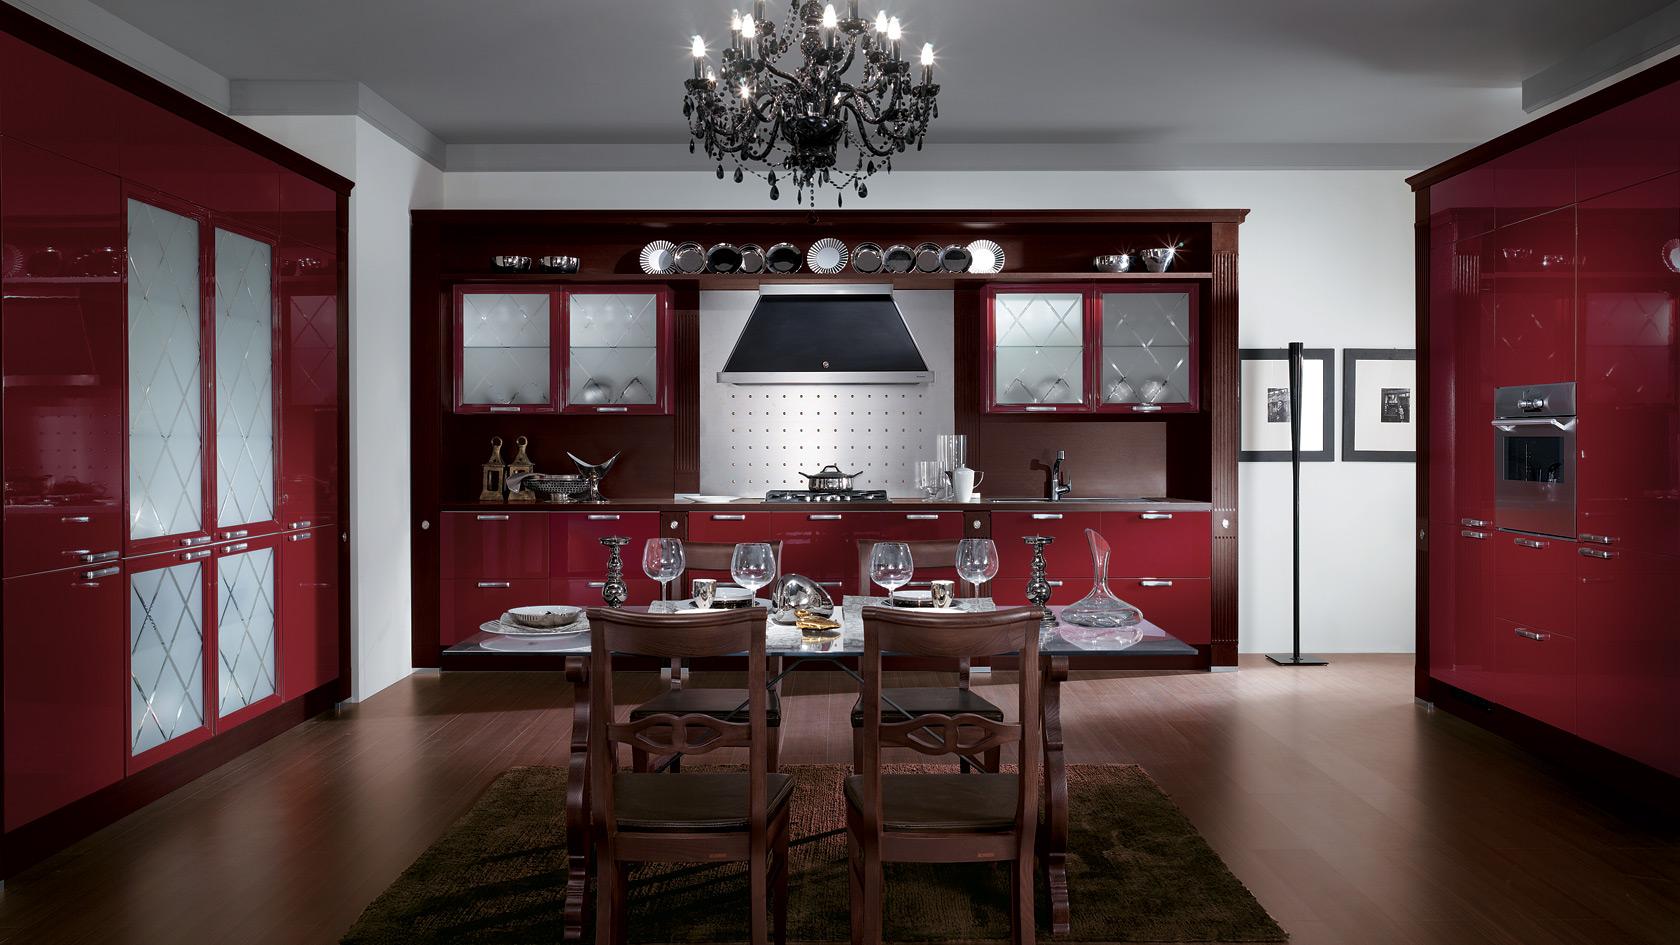 Színek a konyhában - piros